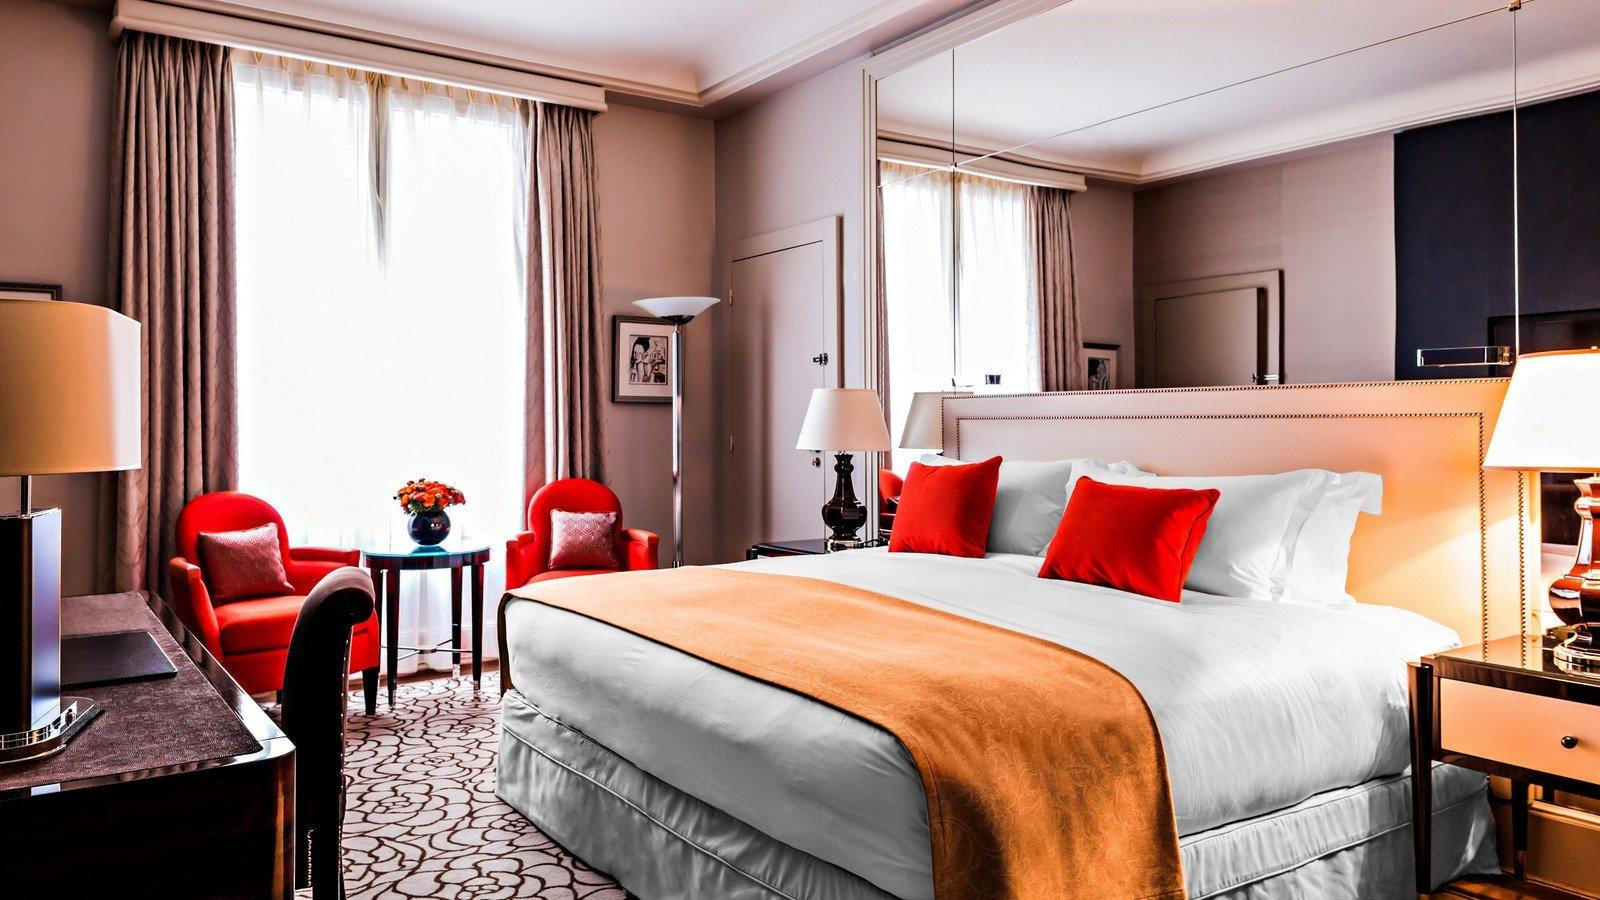 prince de galles champs elys es sur h tel paris. Black Bedroom Furniture Sets. Home Design Ideas